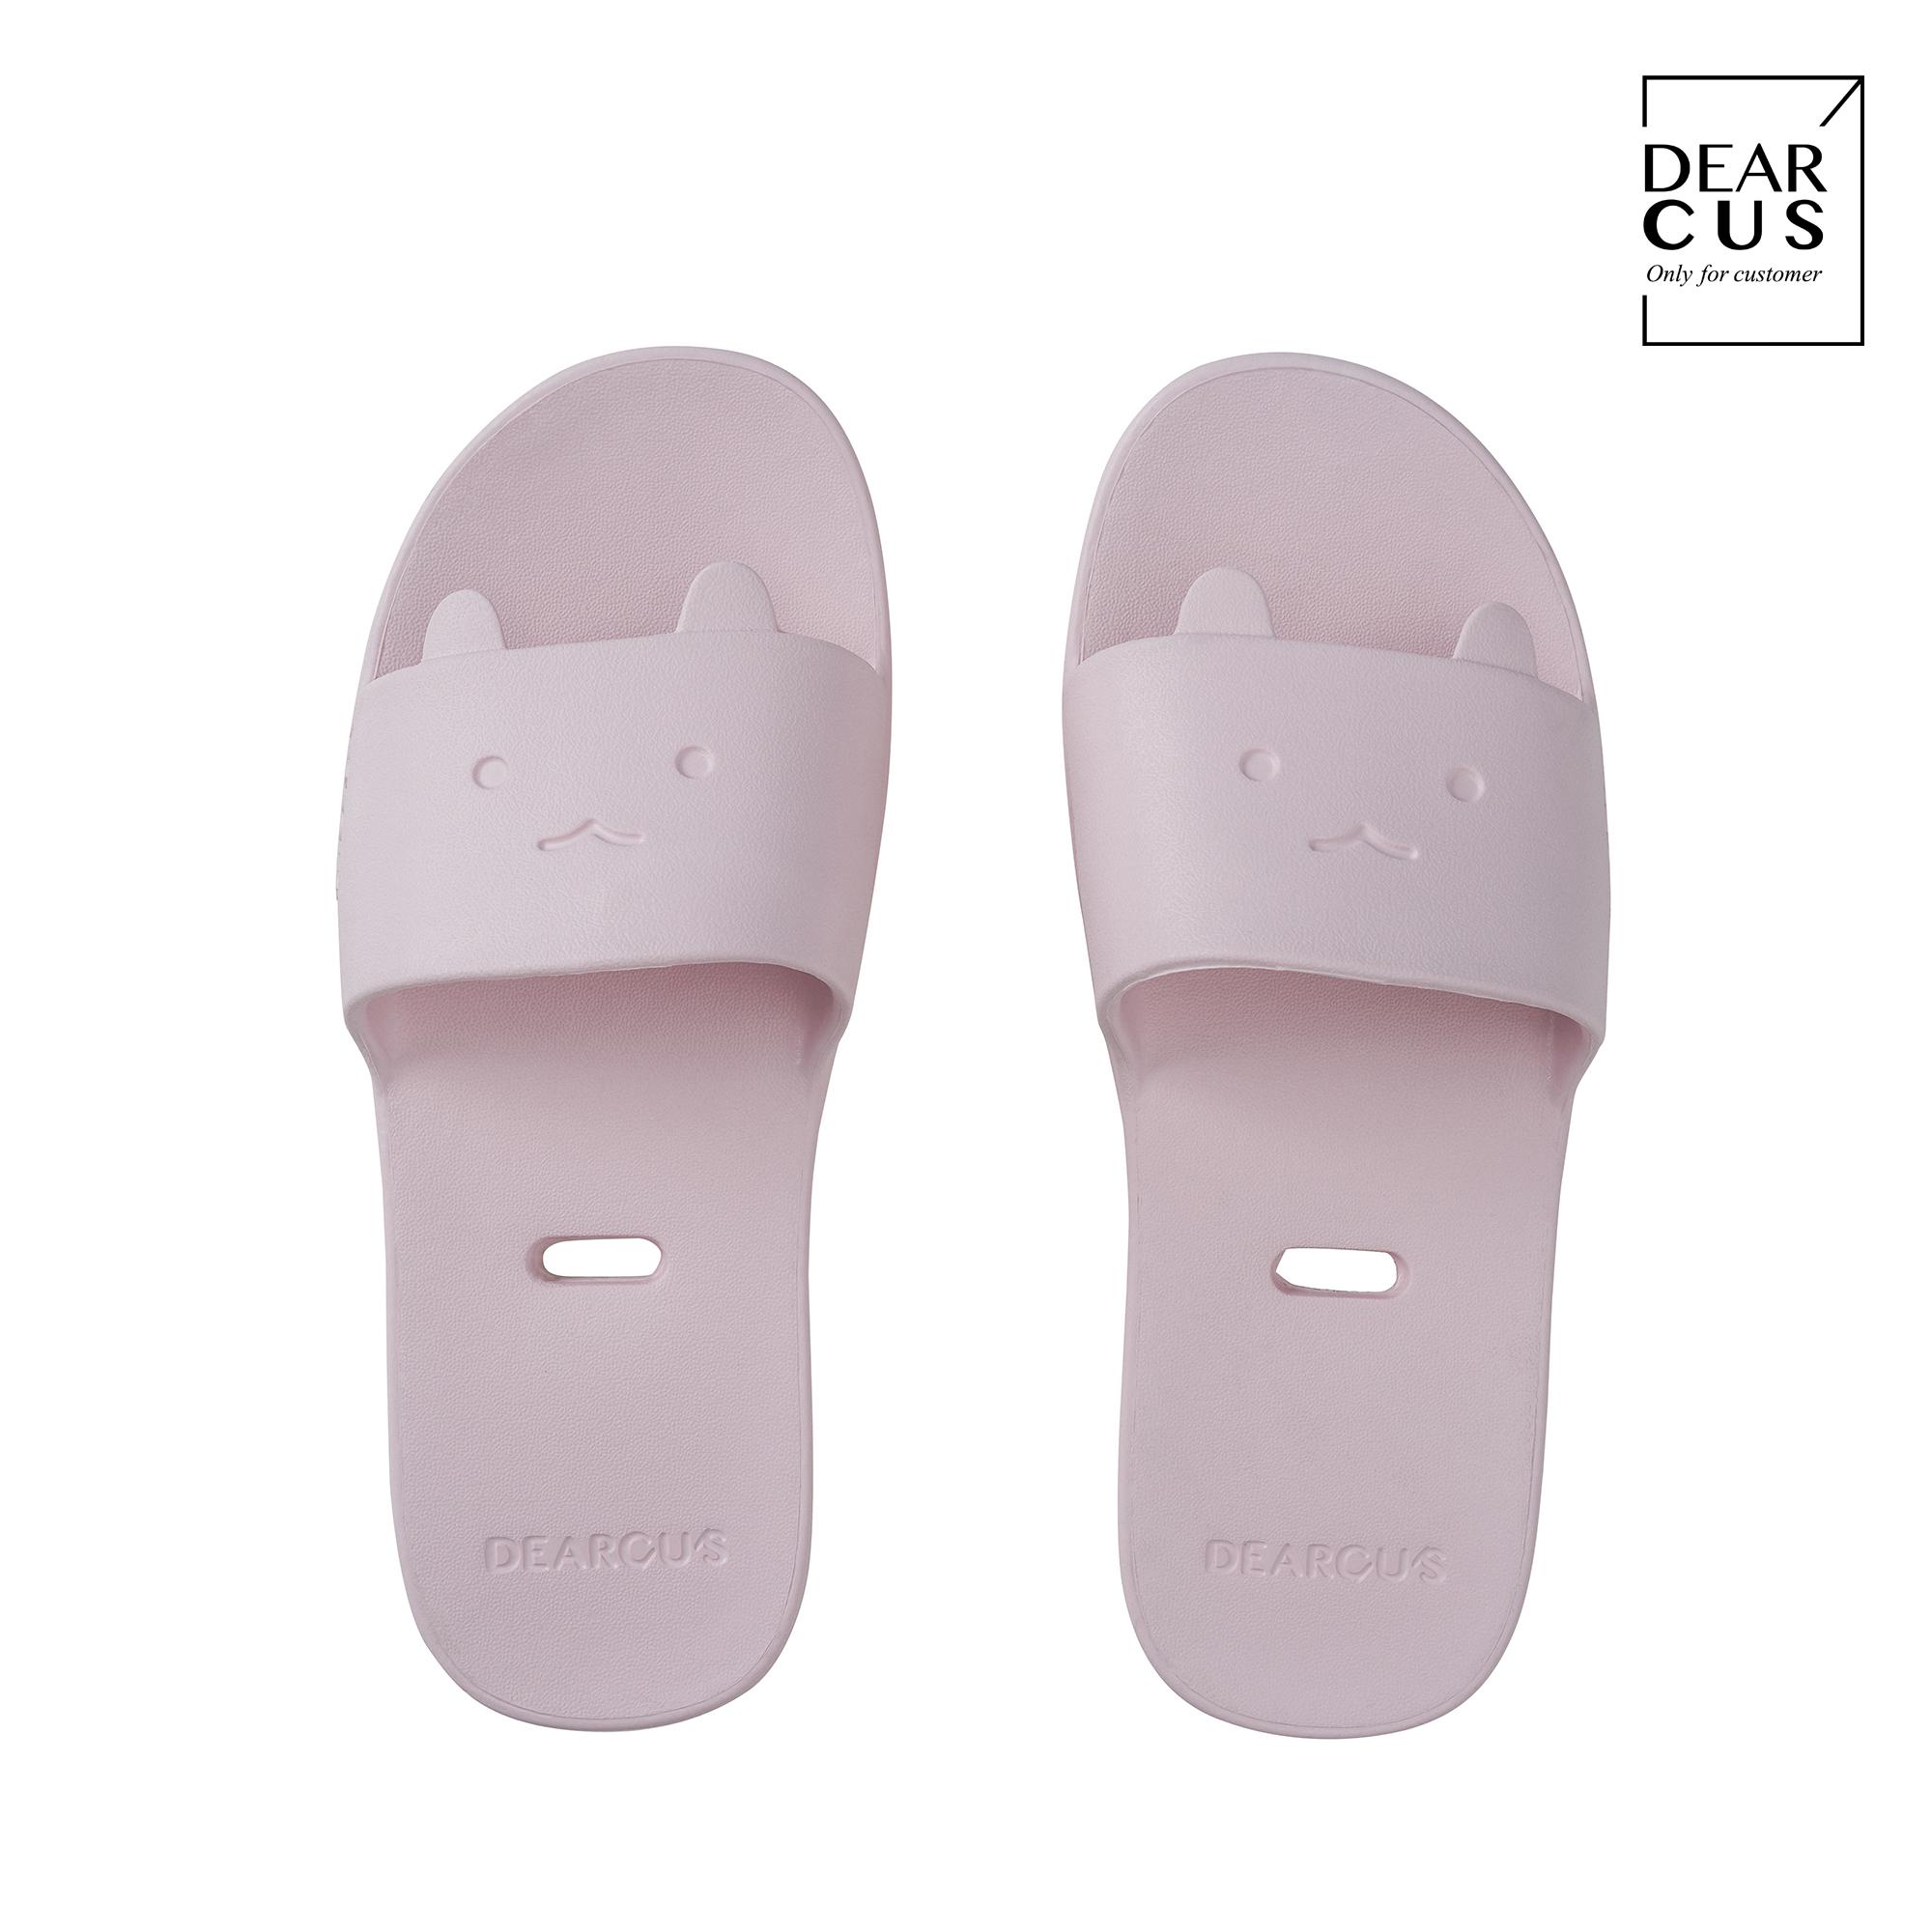 디어커스 호핑 EVA 욕실화 (핑크), 1개